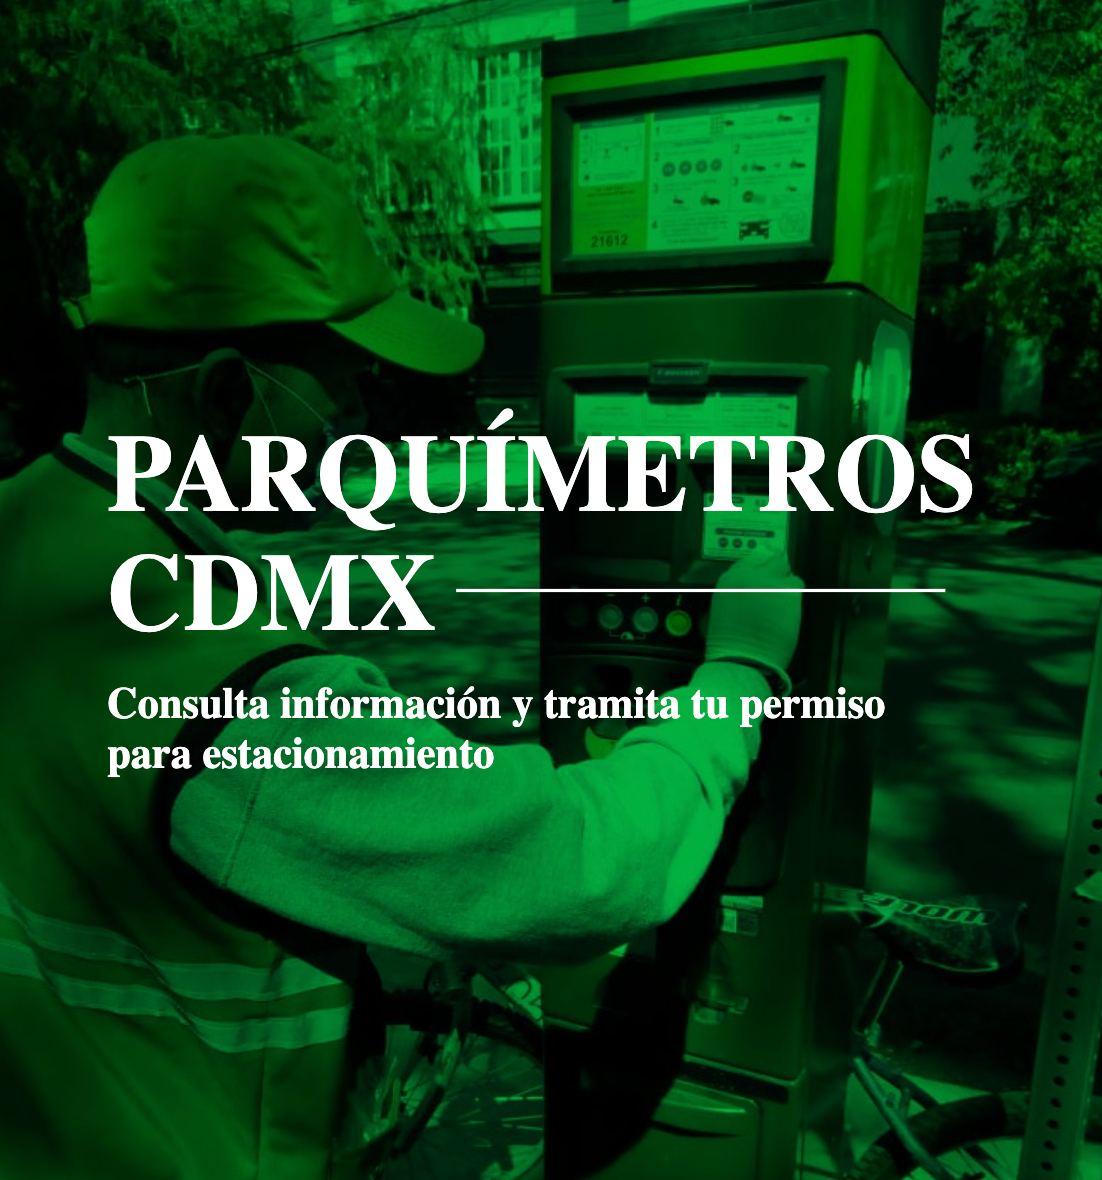 parquimetros cdmx